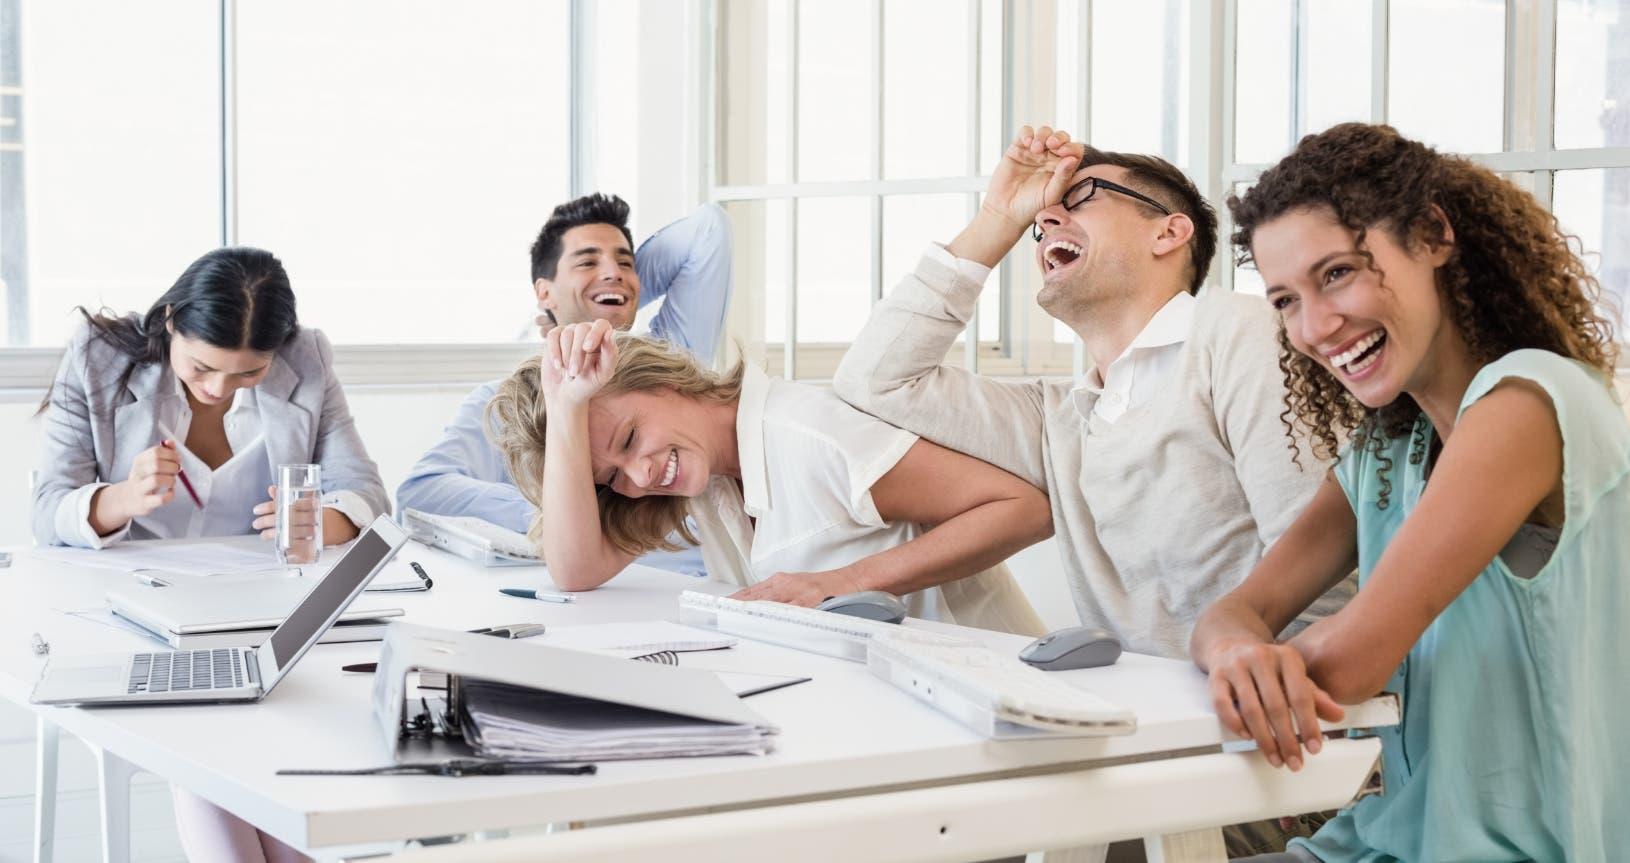 La felicidad organizacional se  basa en el incentivo y motivación de las competencias de los colaboradores. fuente externa